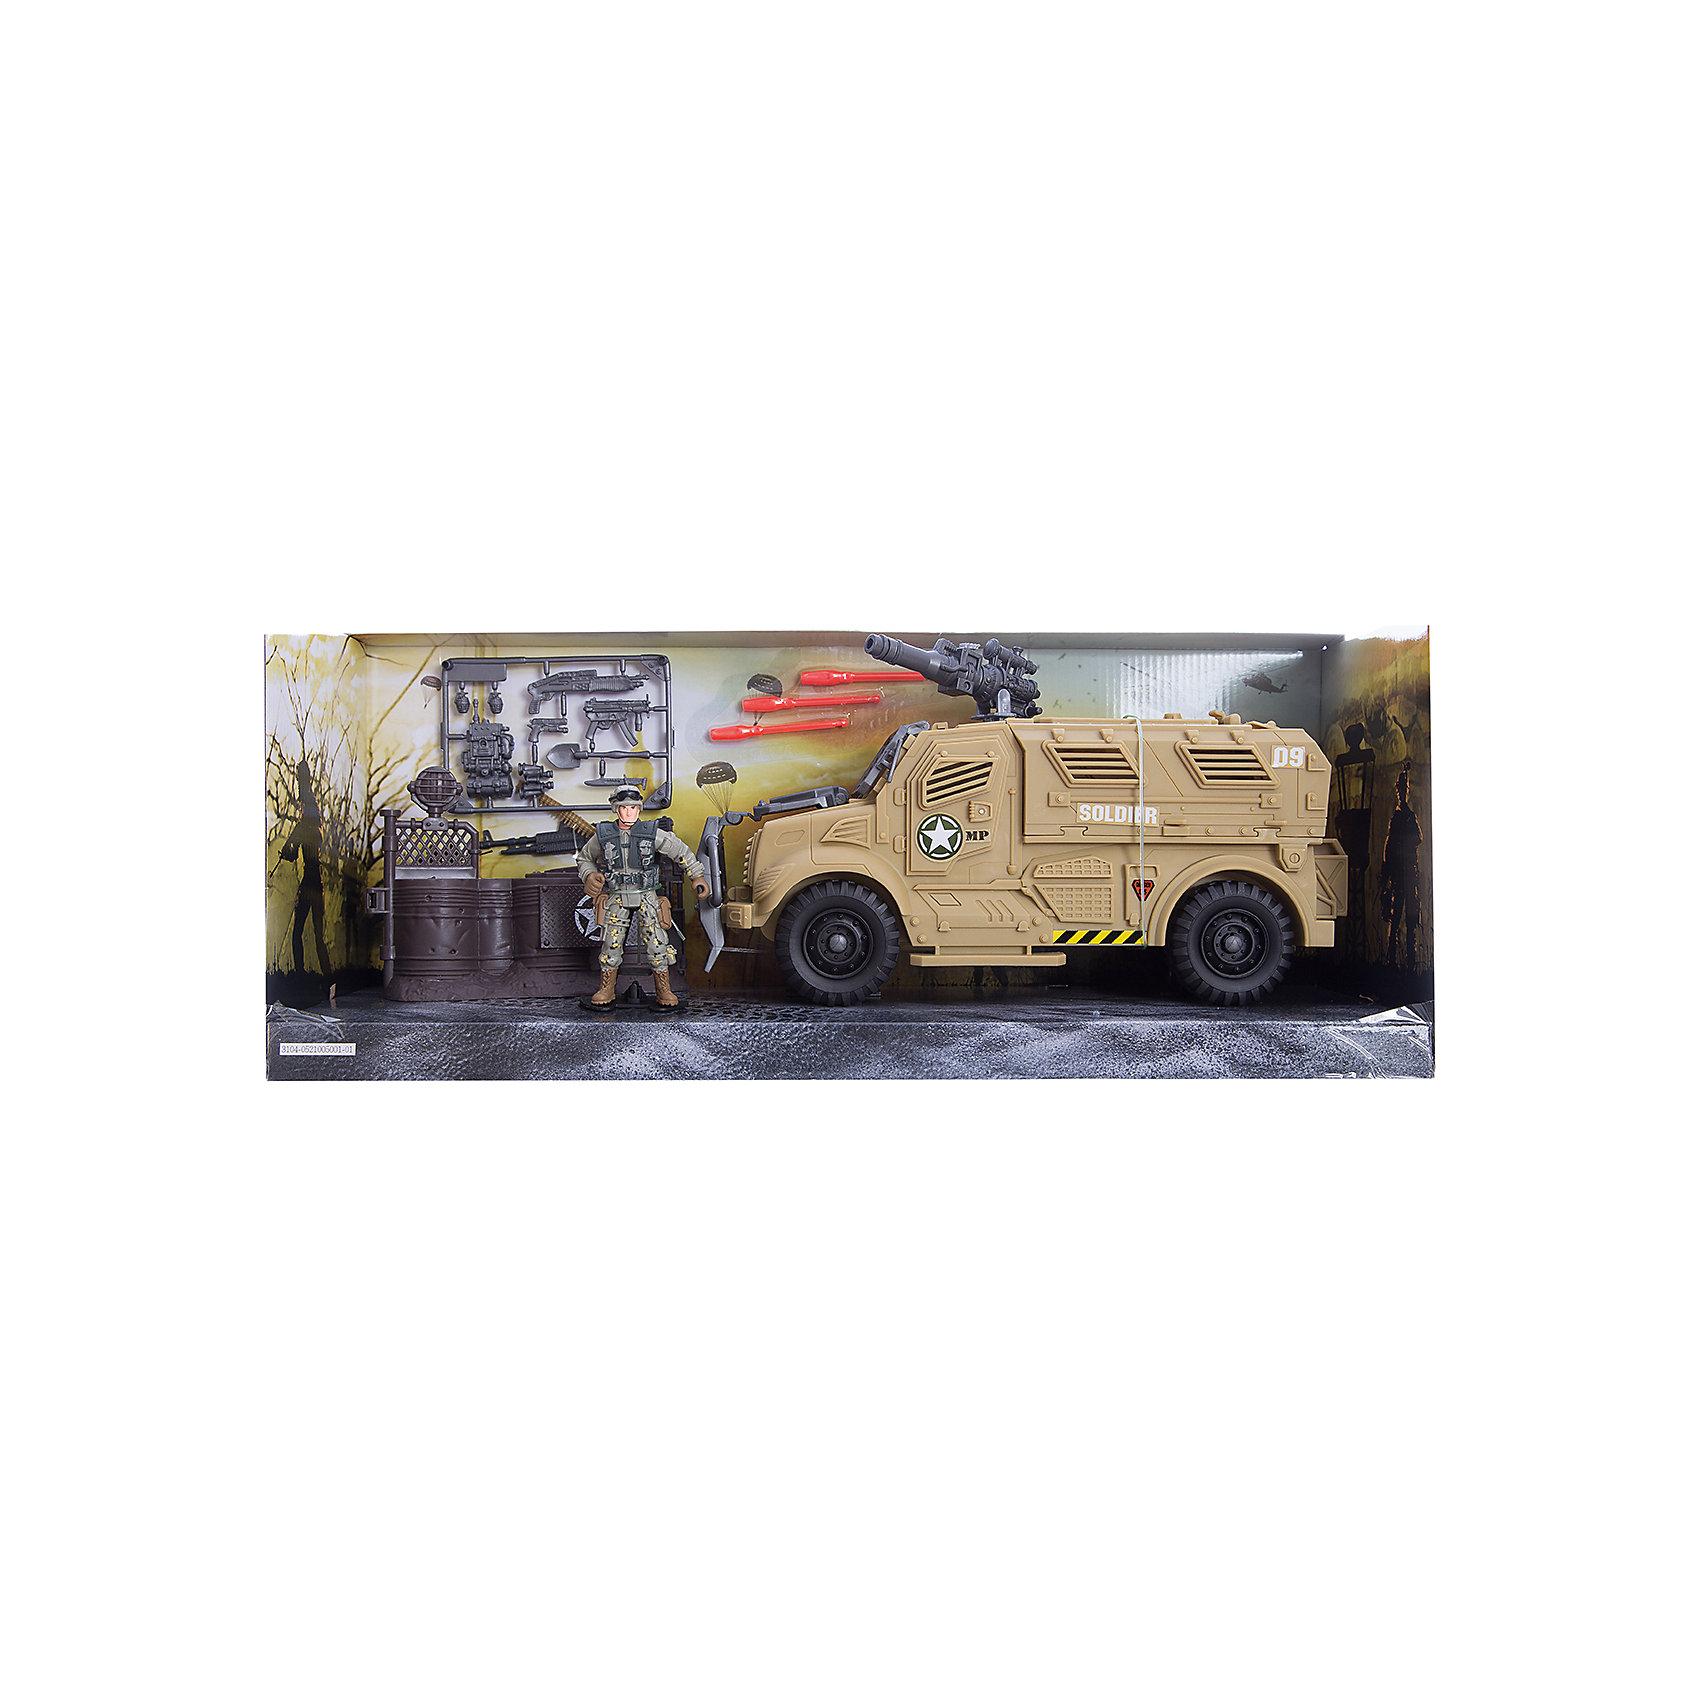 Игровой набор Бронемобиль пехоты, Chap MeiСолдатики и рыцари<br>Игровой набор Бронемобиль пехоты, Chap Mei.<br><br>Характеристики:<br><br>- В наборе: фигурка военного, бронемобиль, 3 ракеты - патрона, дополнительная экипировка и вооружение<br>- Материал: пластик<br>- Упаковка: картонная коробка блистерного типа.<br>- Размер упаковки: 53 х 15 х 22 см.<br><br>Бронемобиль пехоты от компании Chap Mei - это потрясающий игровой набор из серии Solder Force VIII, с которым мальчику точно не придется скучать. В наборе есть солдат, а также множество различных аксессуаров для него, включая экипировку и оружие. Входящий в набор бронемобиль, оснащен пушкой, стреляющей ракетами. Все элементы набора изготовлены из качественного пластика и тщательно детализированы. Игровой набор способствует развитию у ребенка воображения, внимания и мелкой моторики.<br><br>Игровой набор Бронемобиль пехоты, Chap Mei можно купить в нашем интернет-магазине.<br><br>Ширина мм: 53<br>Глубина мм: 15<br>Высота мм: 21<br>Вес г: 983<br>Возраст от месяцев: 36<br>Возраст до месяцев: 2147483647<br>Пол: Мужской<br>Возраст: Детский<br>SKU: 5055436